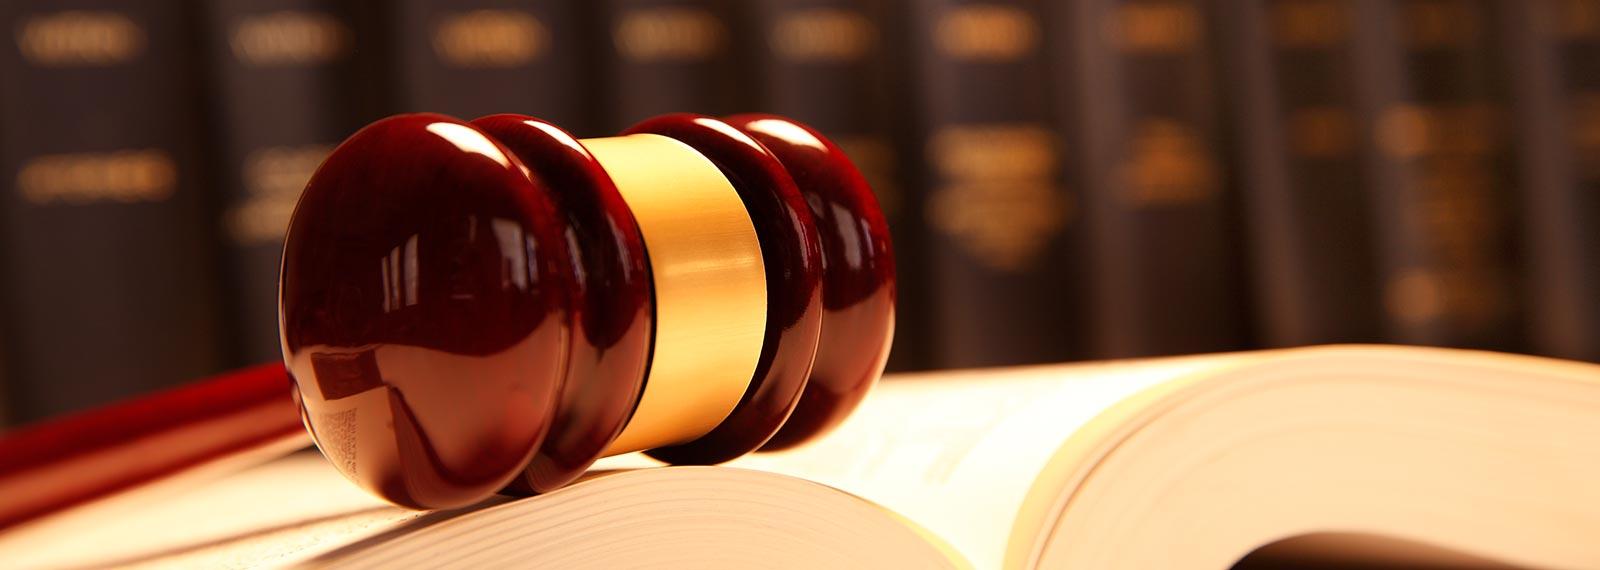 Rechtliches zu Pflegedienstleistungen